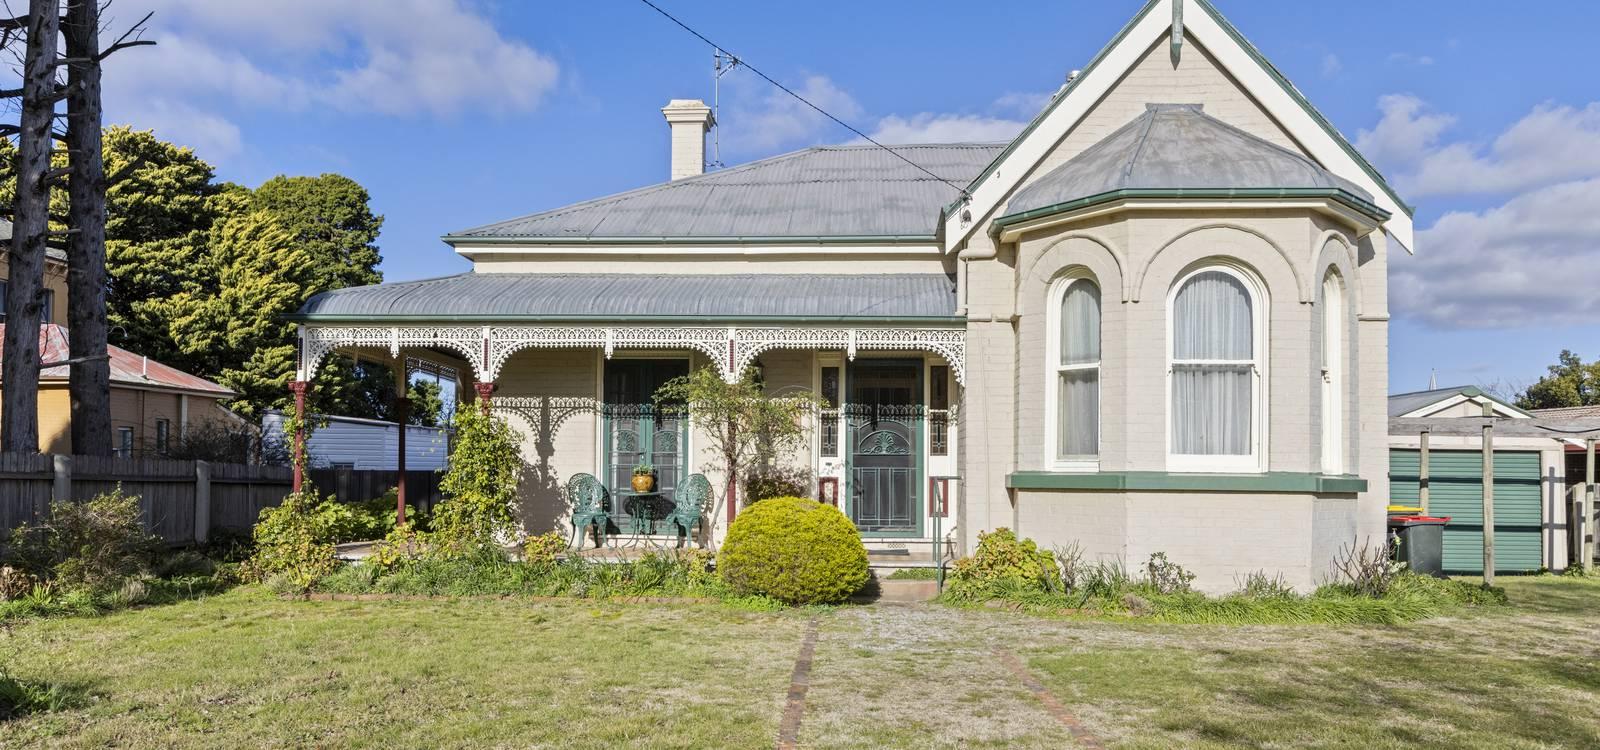 215 Cowper Street GOULBURN, NSW 2580 - photo 1